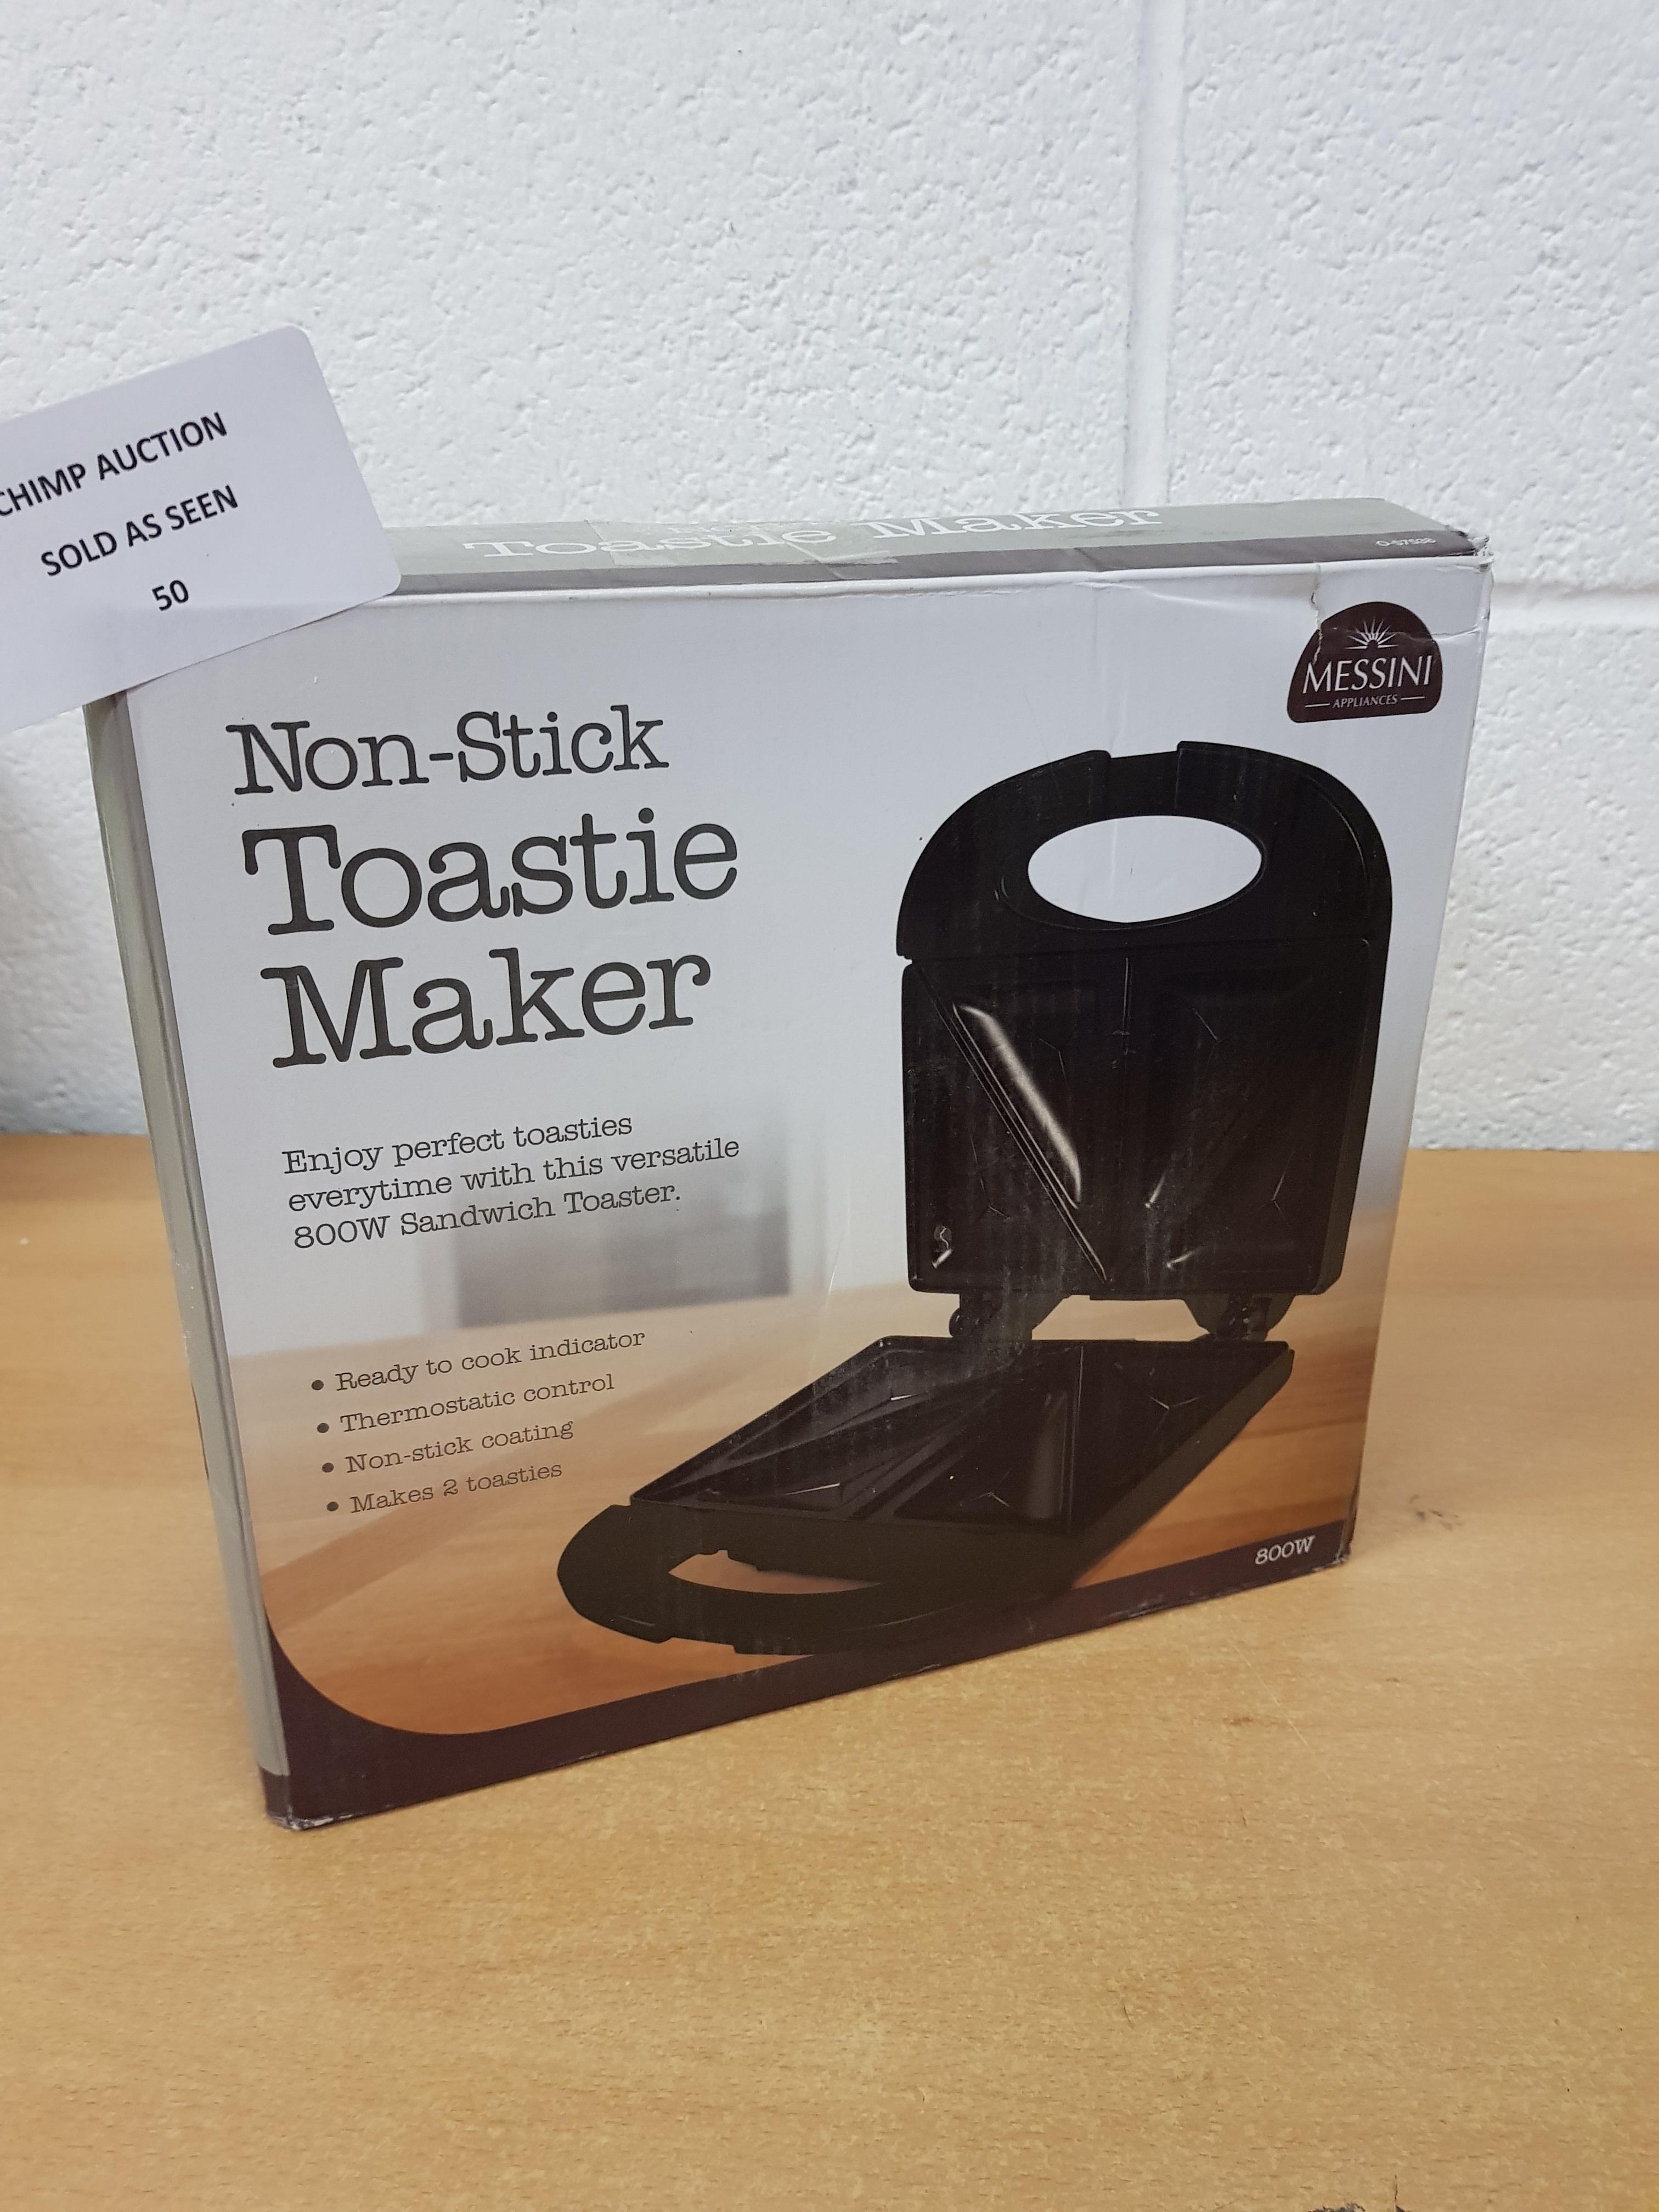 Lot 50 - Messini Non-Stick Toastie Maker